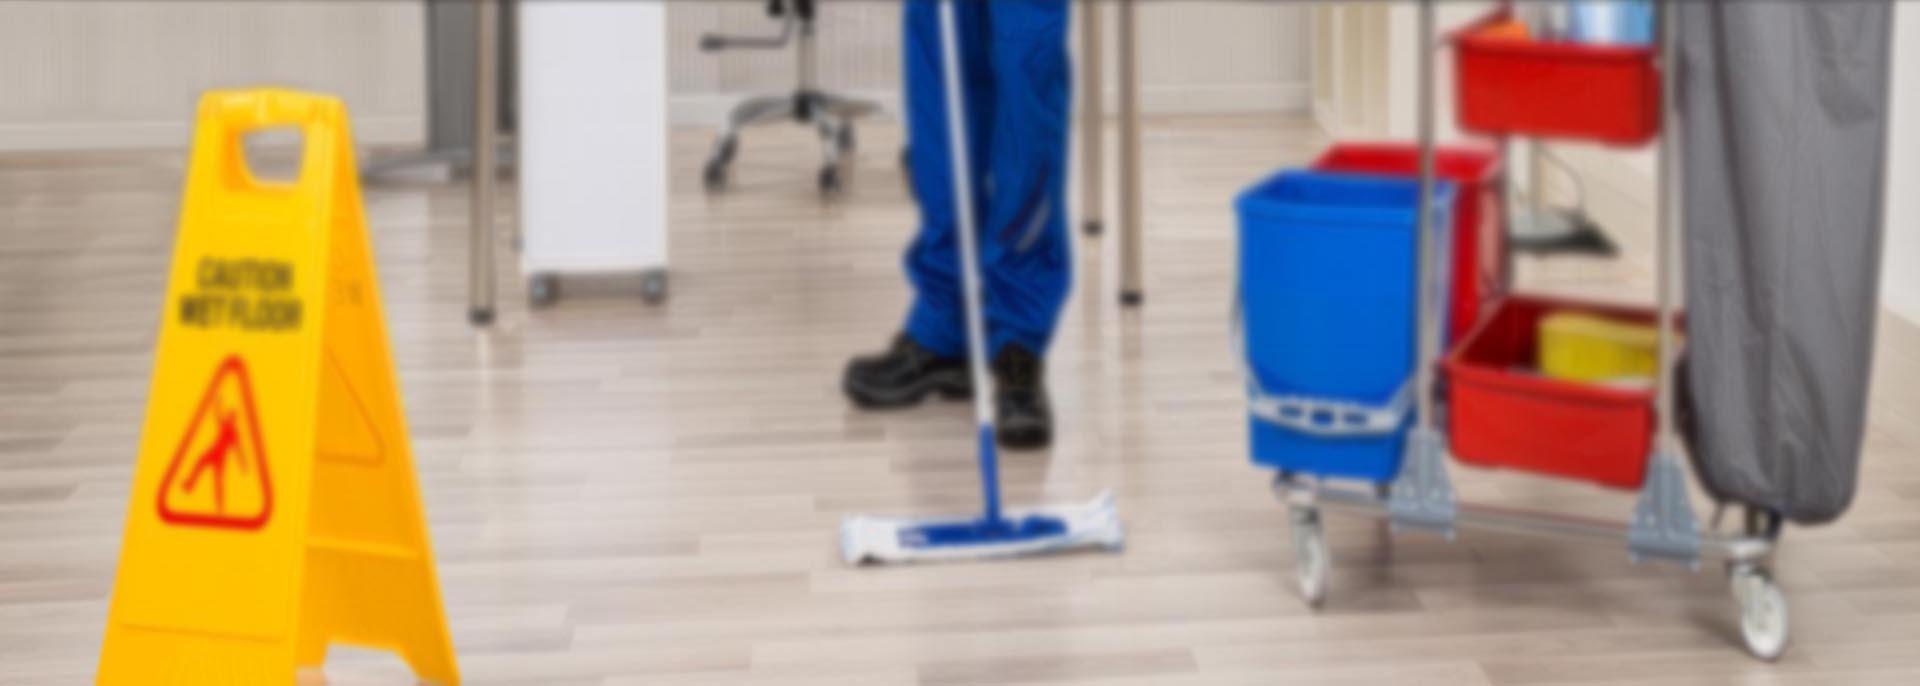 Τα πάντα για την καθαριότητα